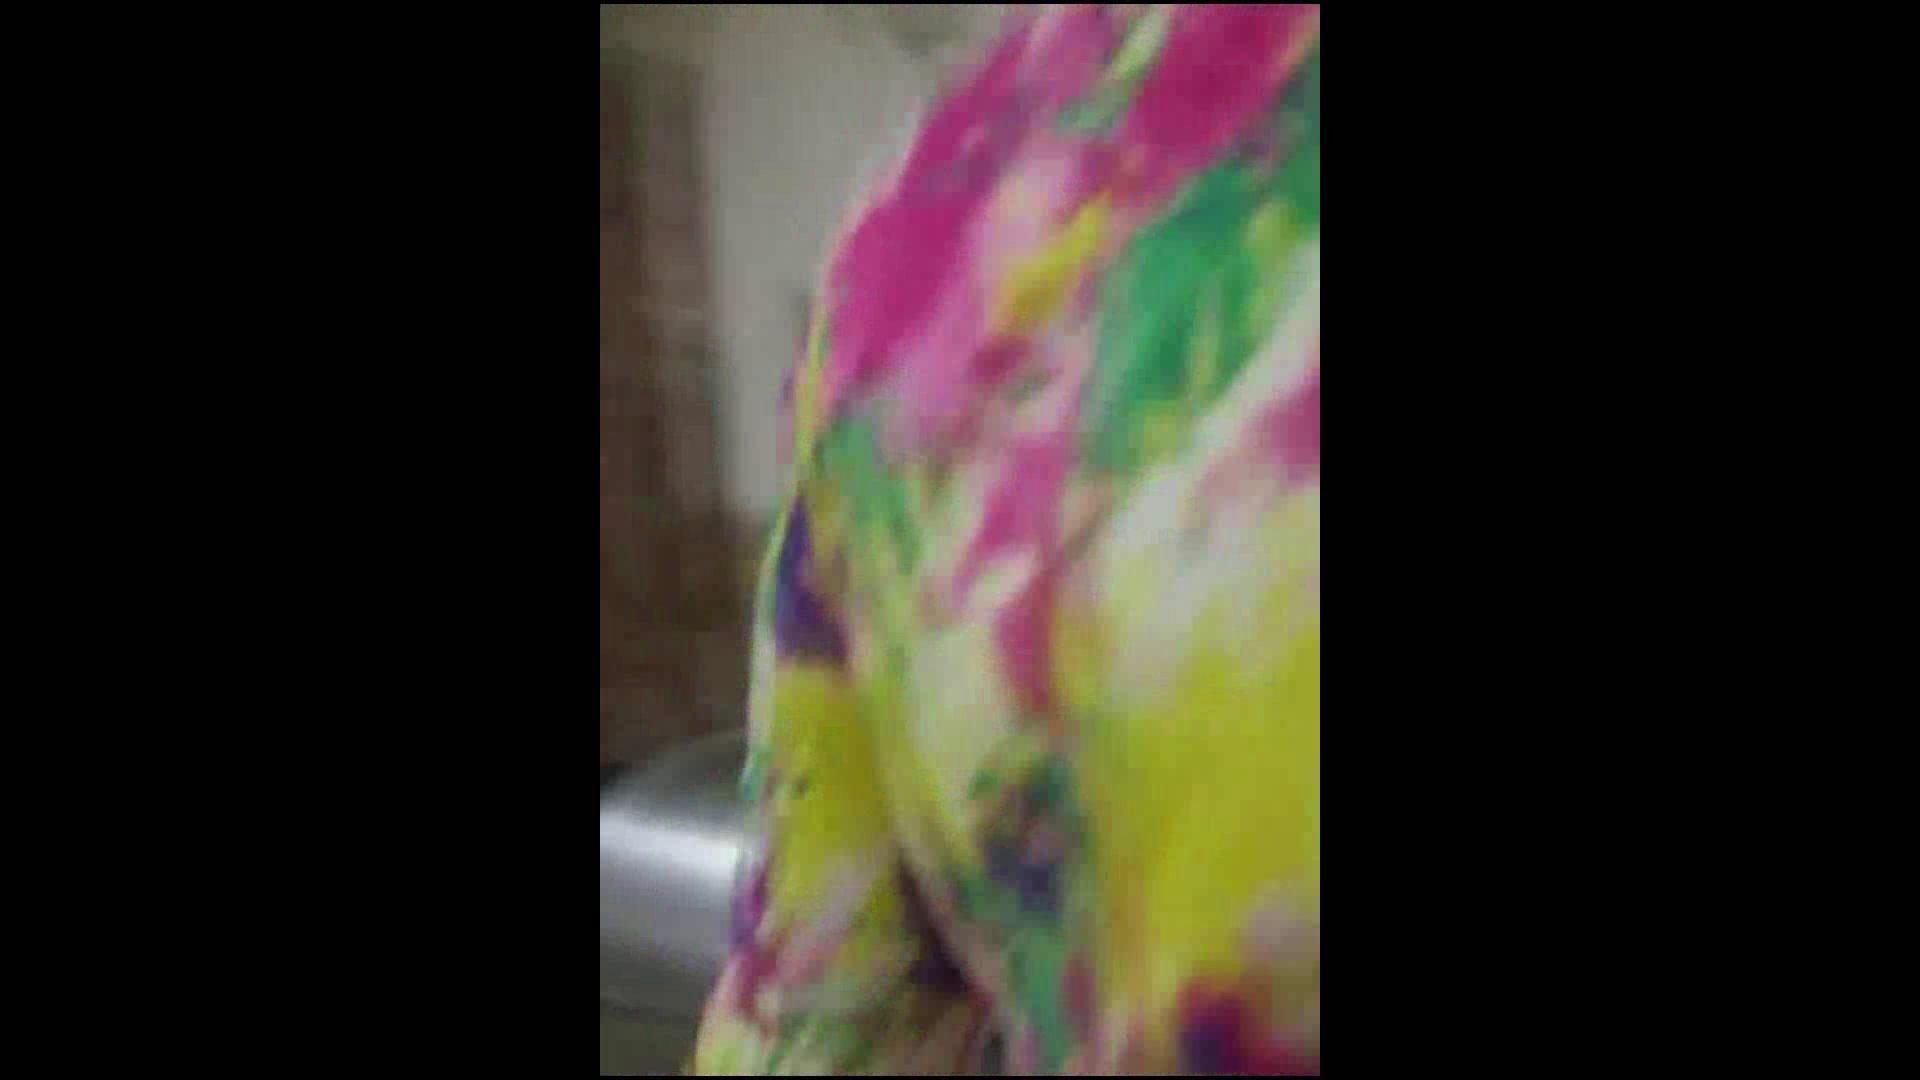 綺麗なモデルさんのスカート捲っちゃおう‼vol01 OLエロ画像  79PICs 72